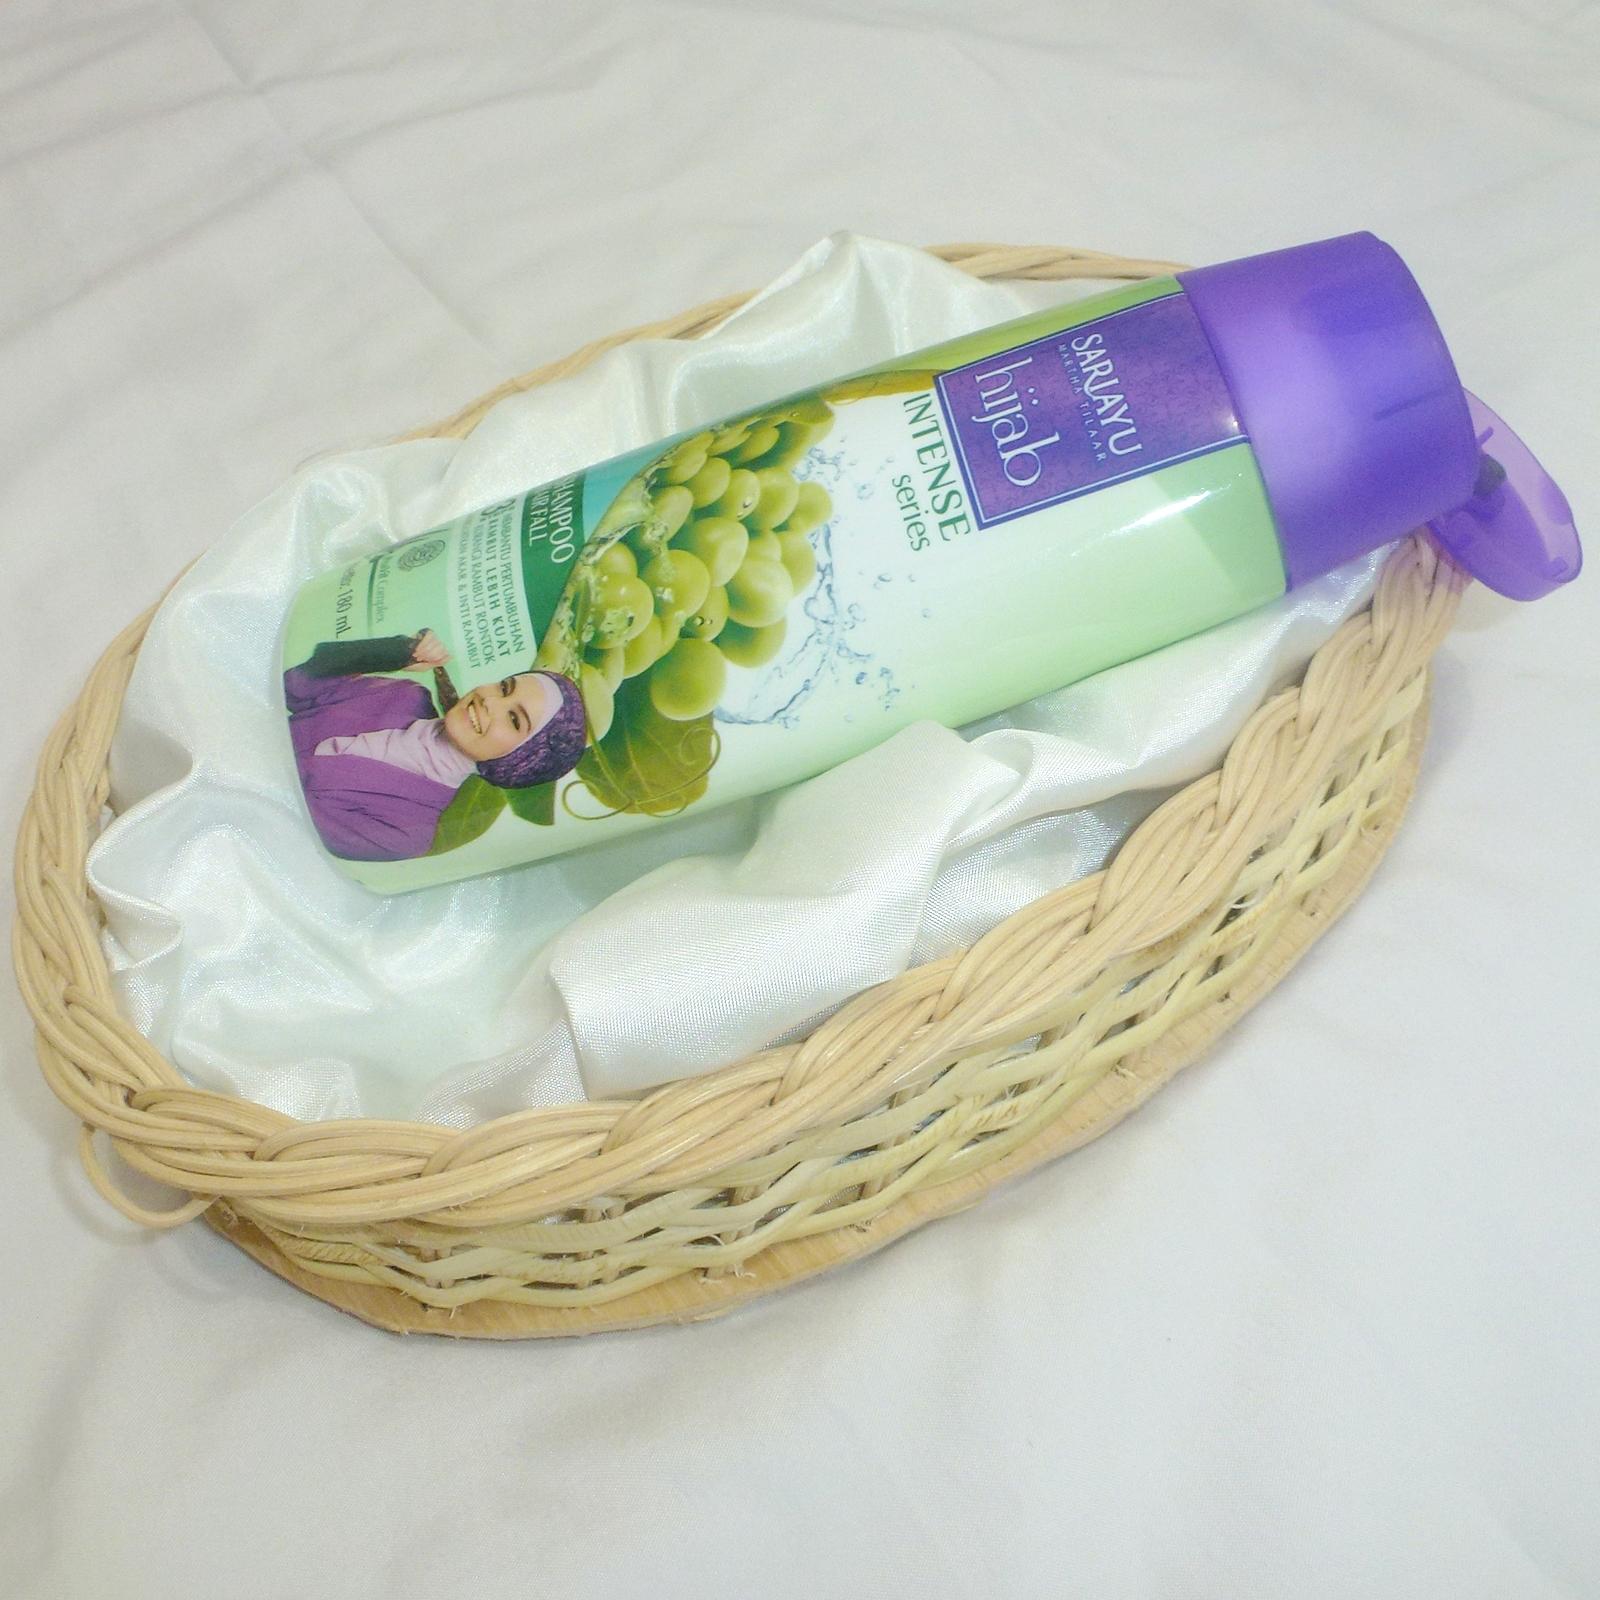 Review Sariayu Hijab Intense Series Hair Fall Shampoo Footnote Sari Ayu 180ml Packaging Ini Kombinasi Warna Hijau Muda Dan Ungu Yang Menurutku Perpaduan Warnanya Klop Juga Desainnya